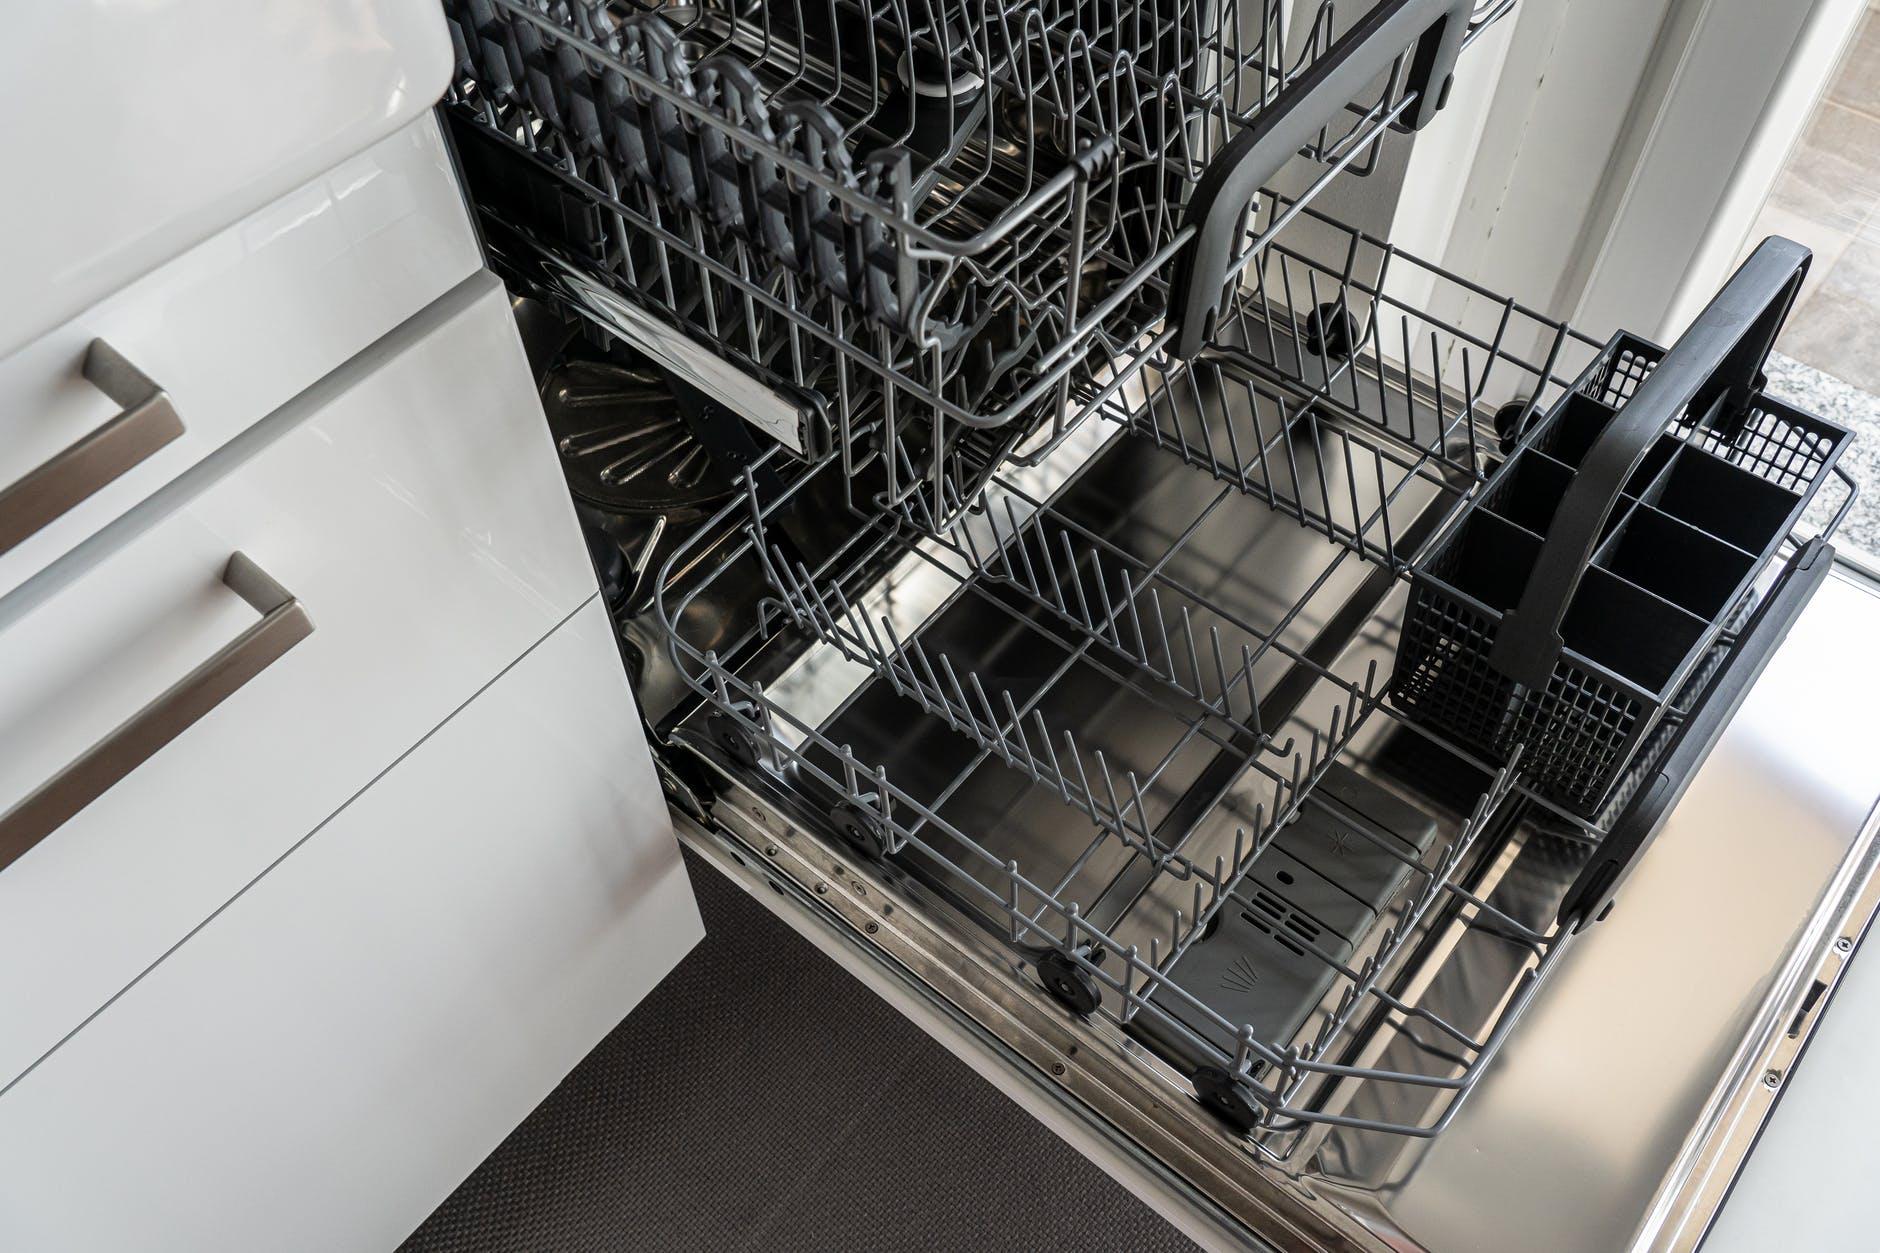 lave vaisselle vide nettoyer cuve astuces